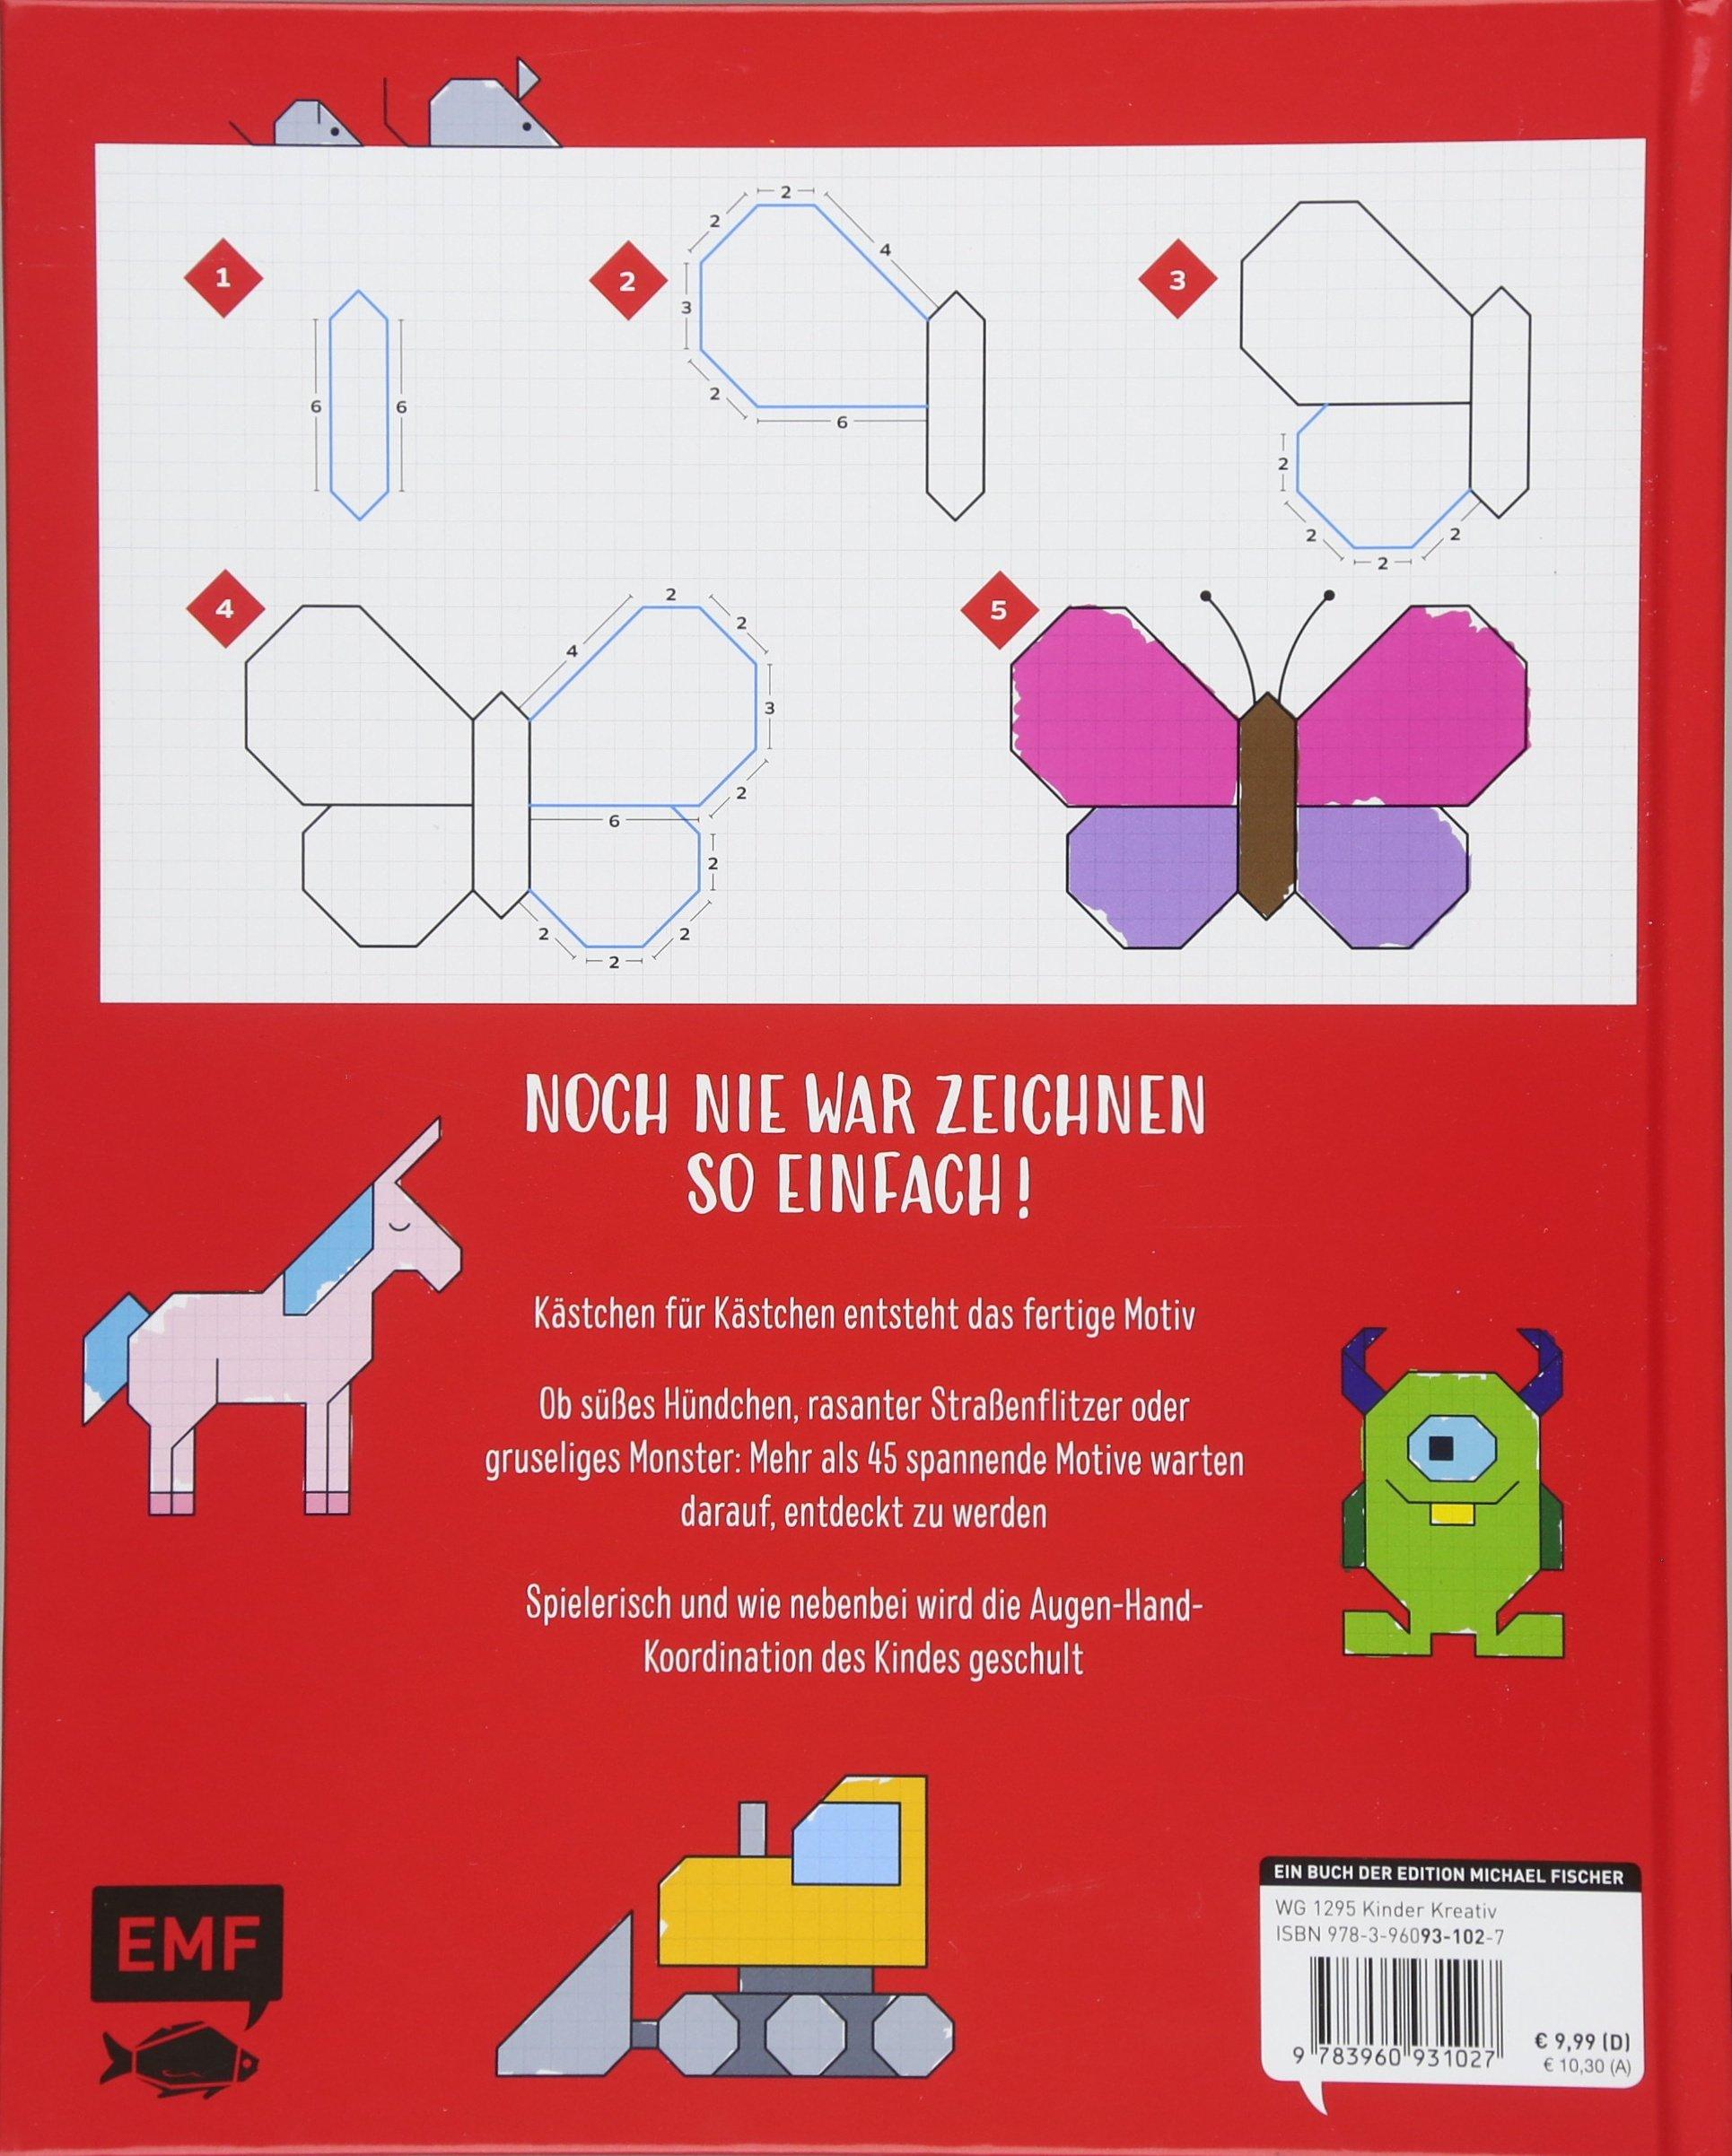 Zeichenspaß auf Karopapier Kästchen für Kästchen zeichnen und ausmalen Laleloo Malbücher für Kinder